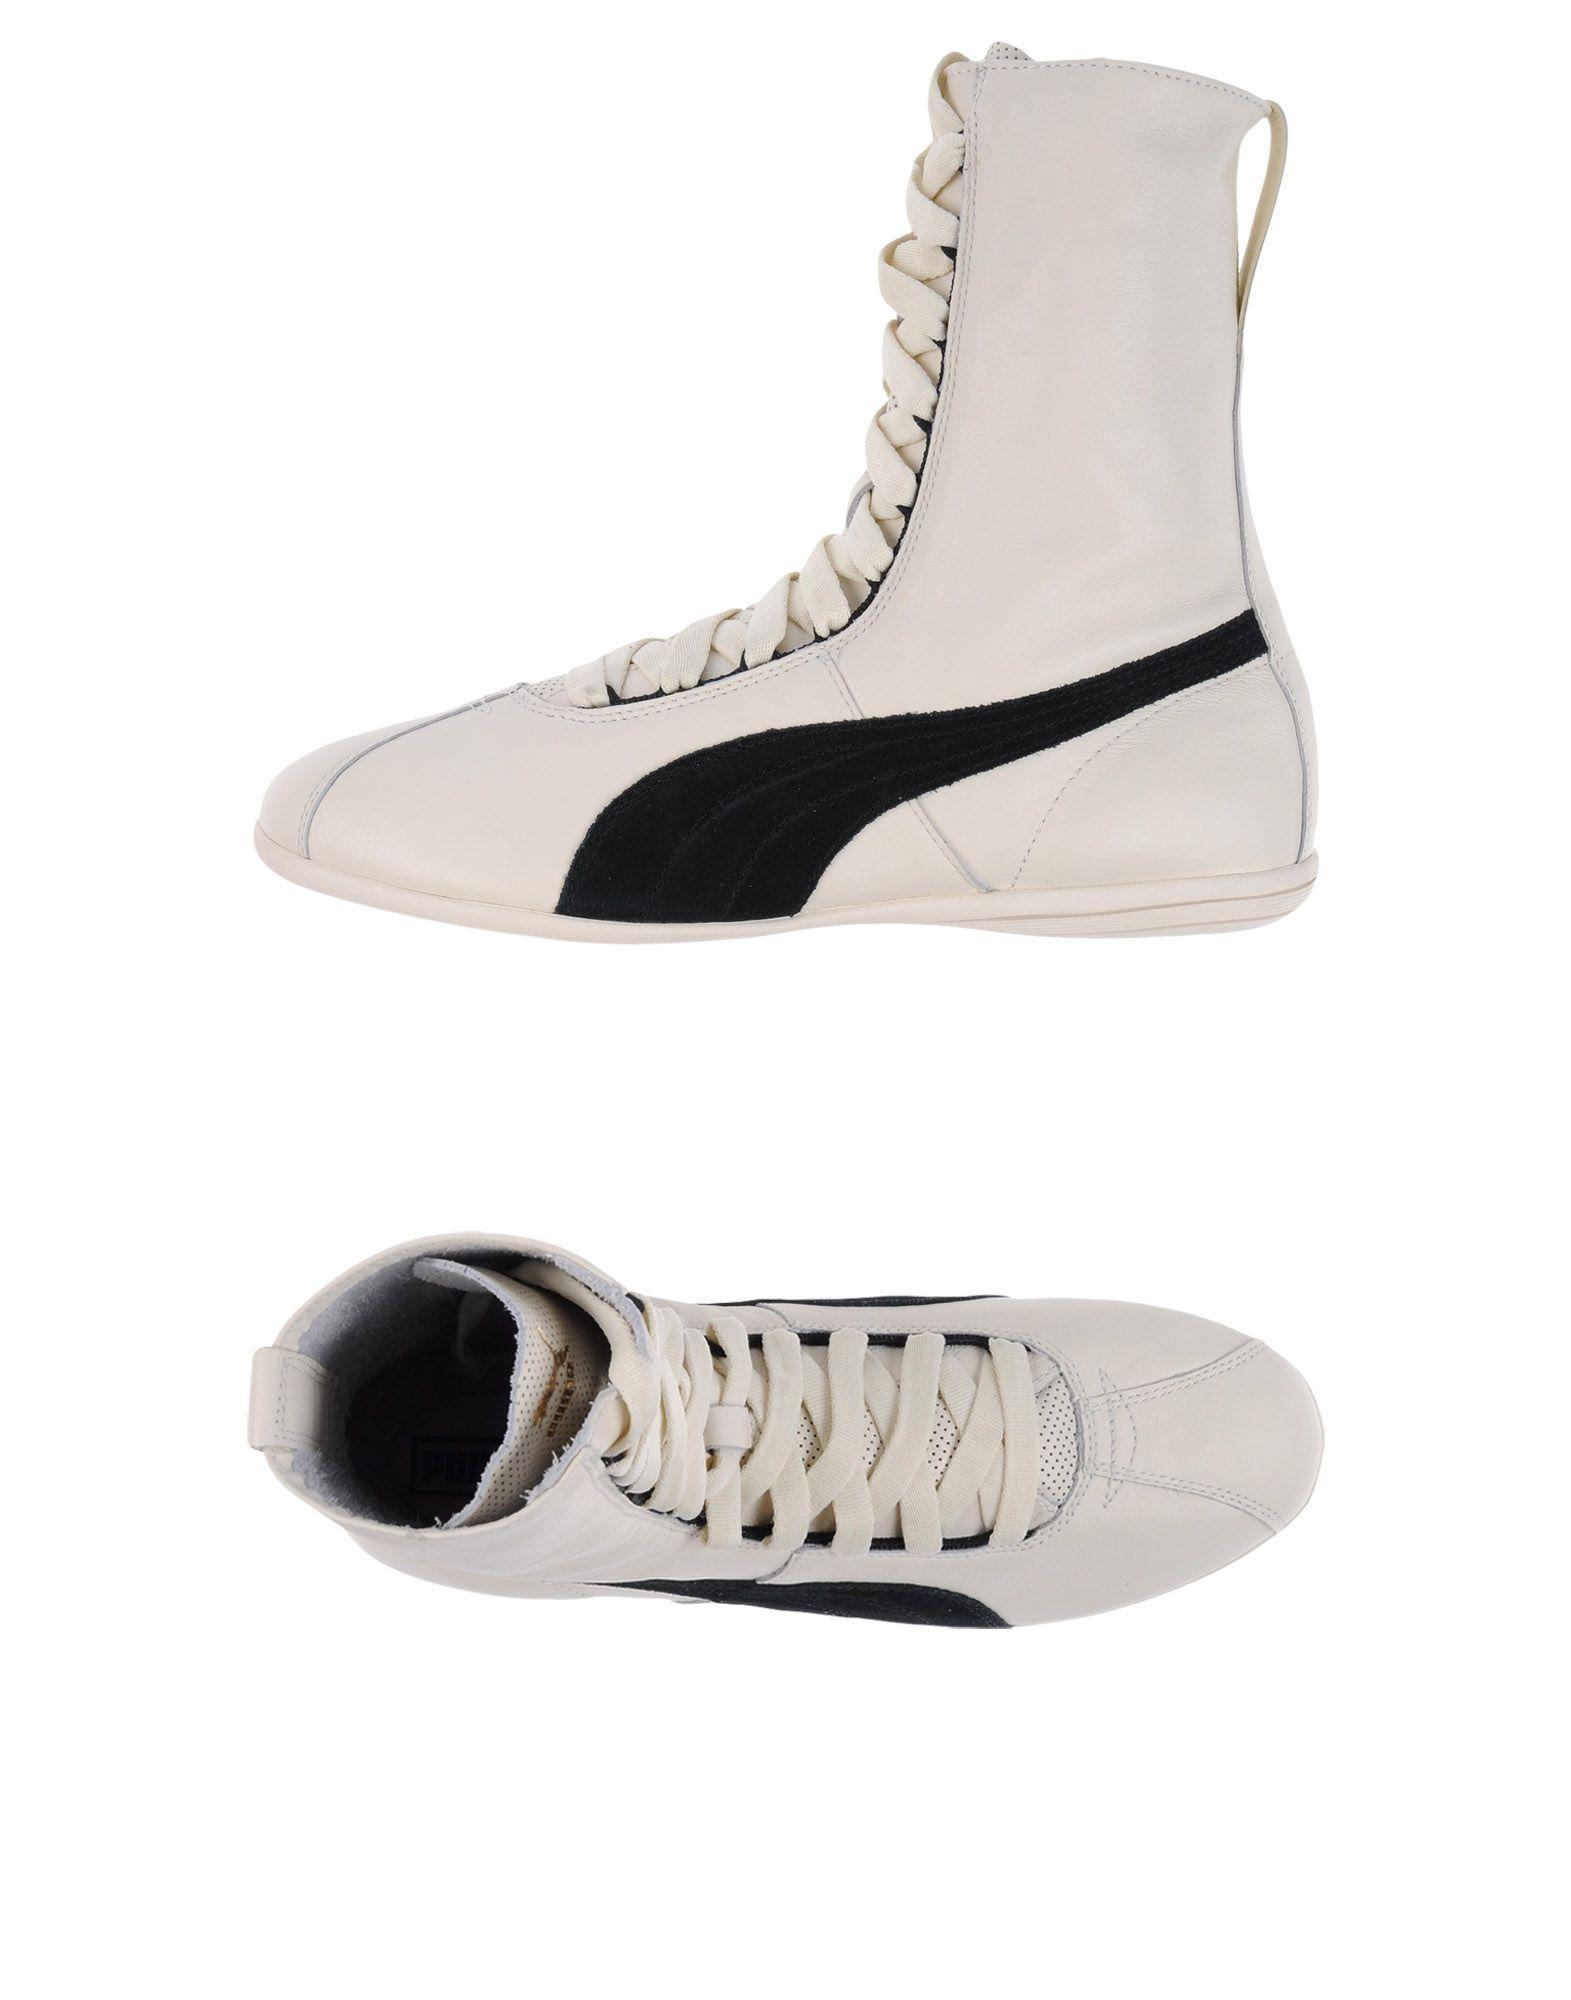 Puma Sneakers Damen  11137009JG Gute Qualität beliebte Schuhe Schuhe Schuhe 07ff9f